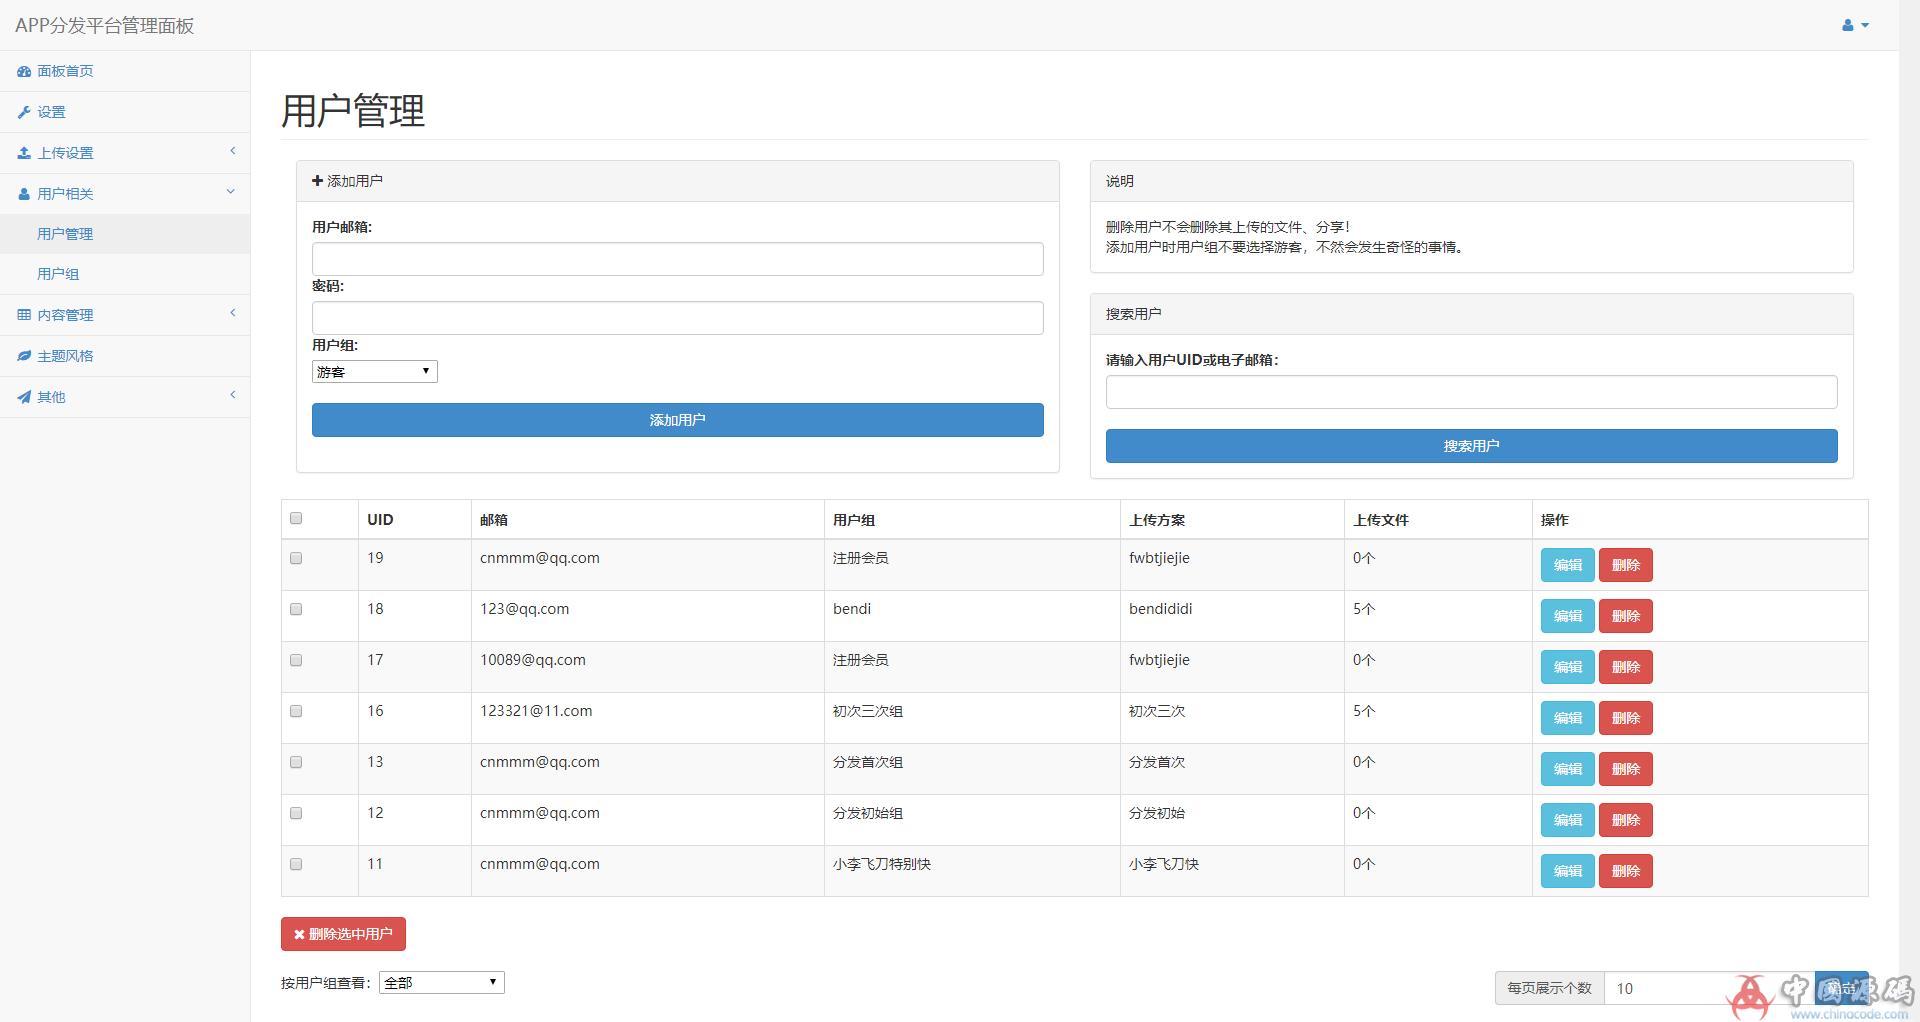 一款老点的价值上千元自适应的APP分发平台系统商业版源码 苹果安卓APP UDID IPA IOS APK商业分发系统 网站-第8张